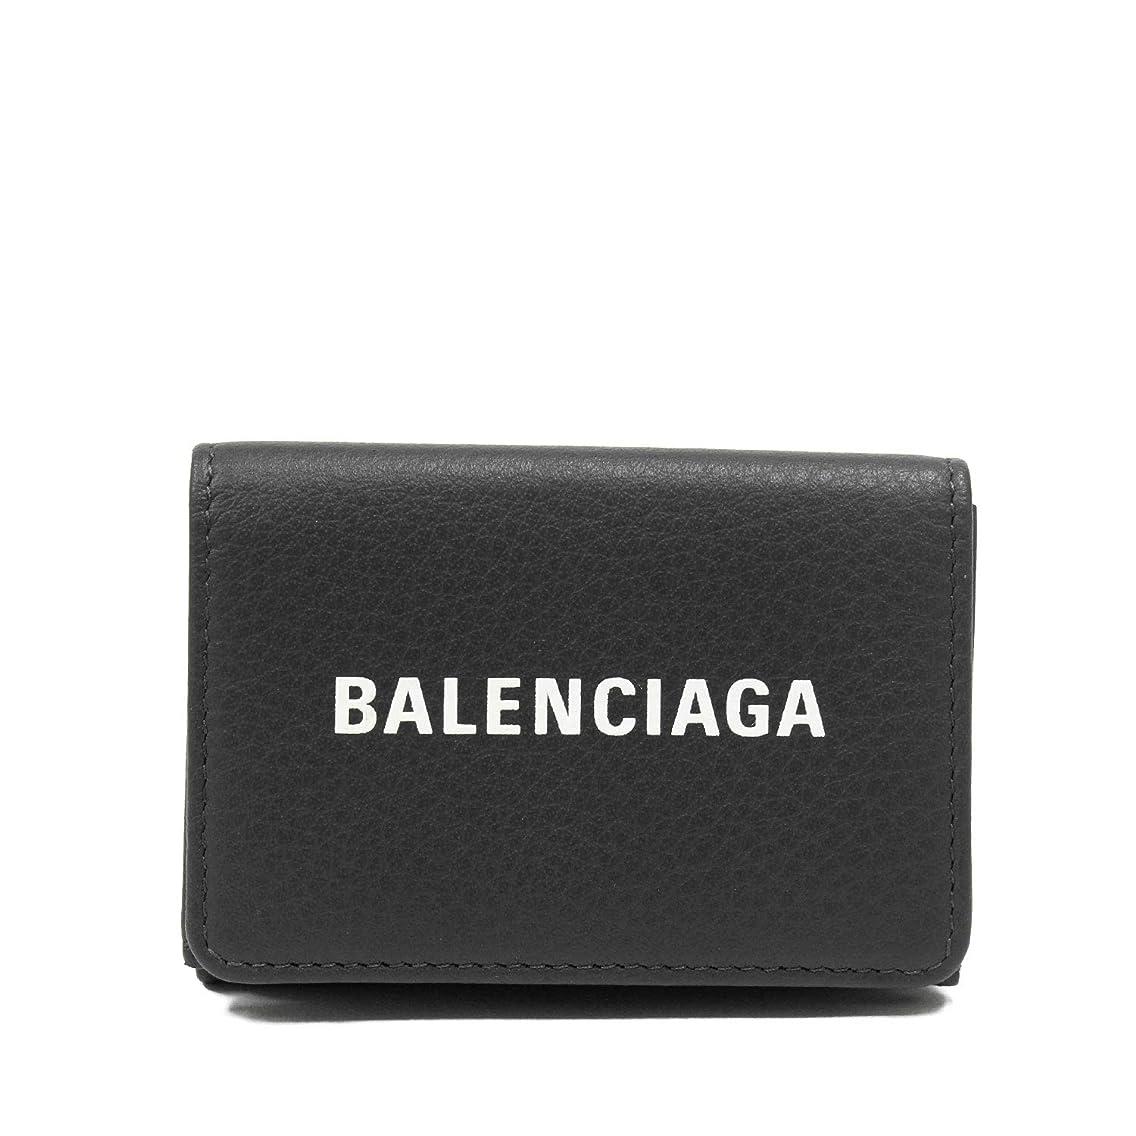 分析するバーマド医学(バレンシアガ)BALENCIAGA EVERYDAY 三つ折り財布【チャコールグレー】551921 DLQ4N 1160 [並行輸入品]